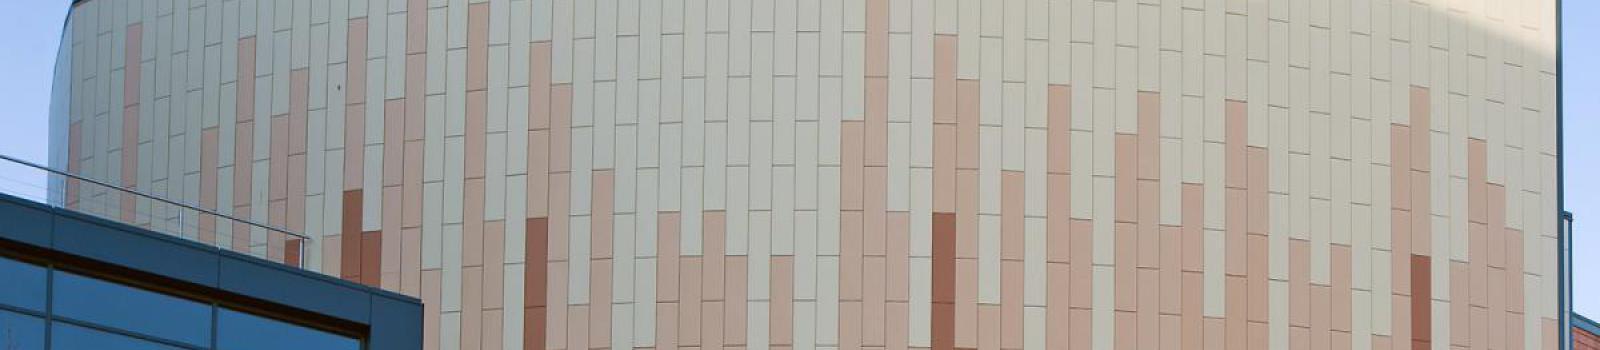 sistemas en fachadas ventiladas